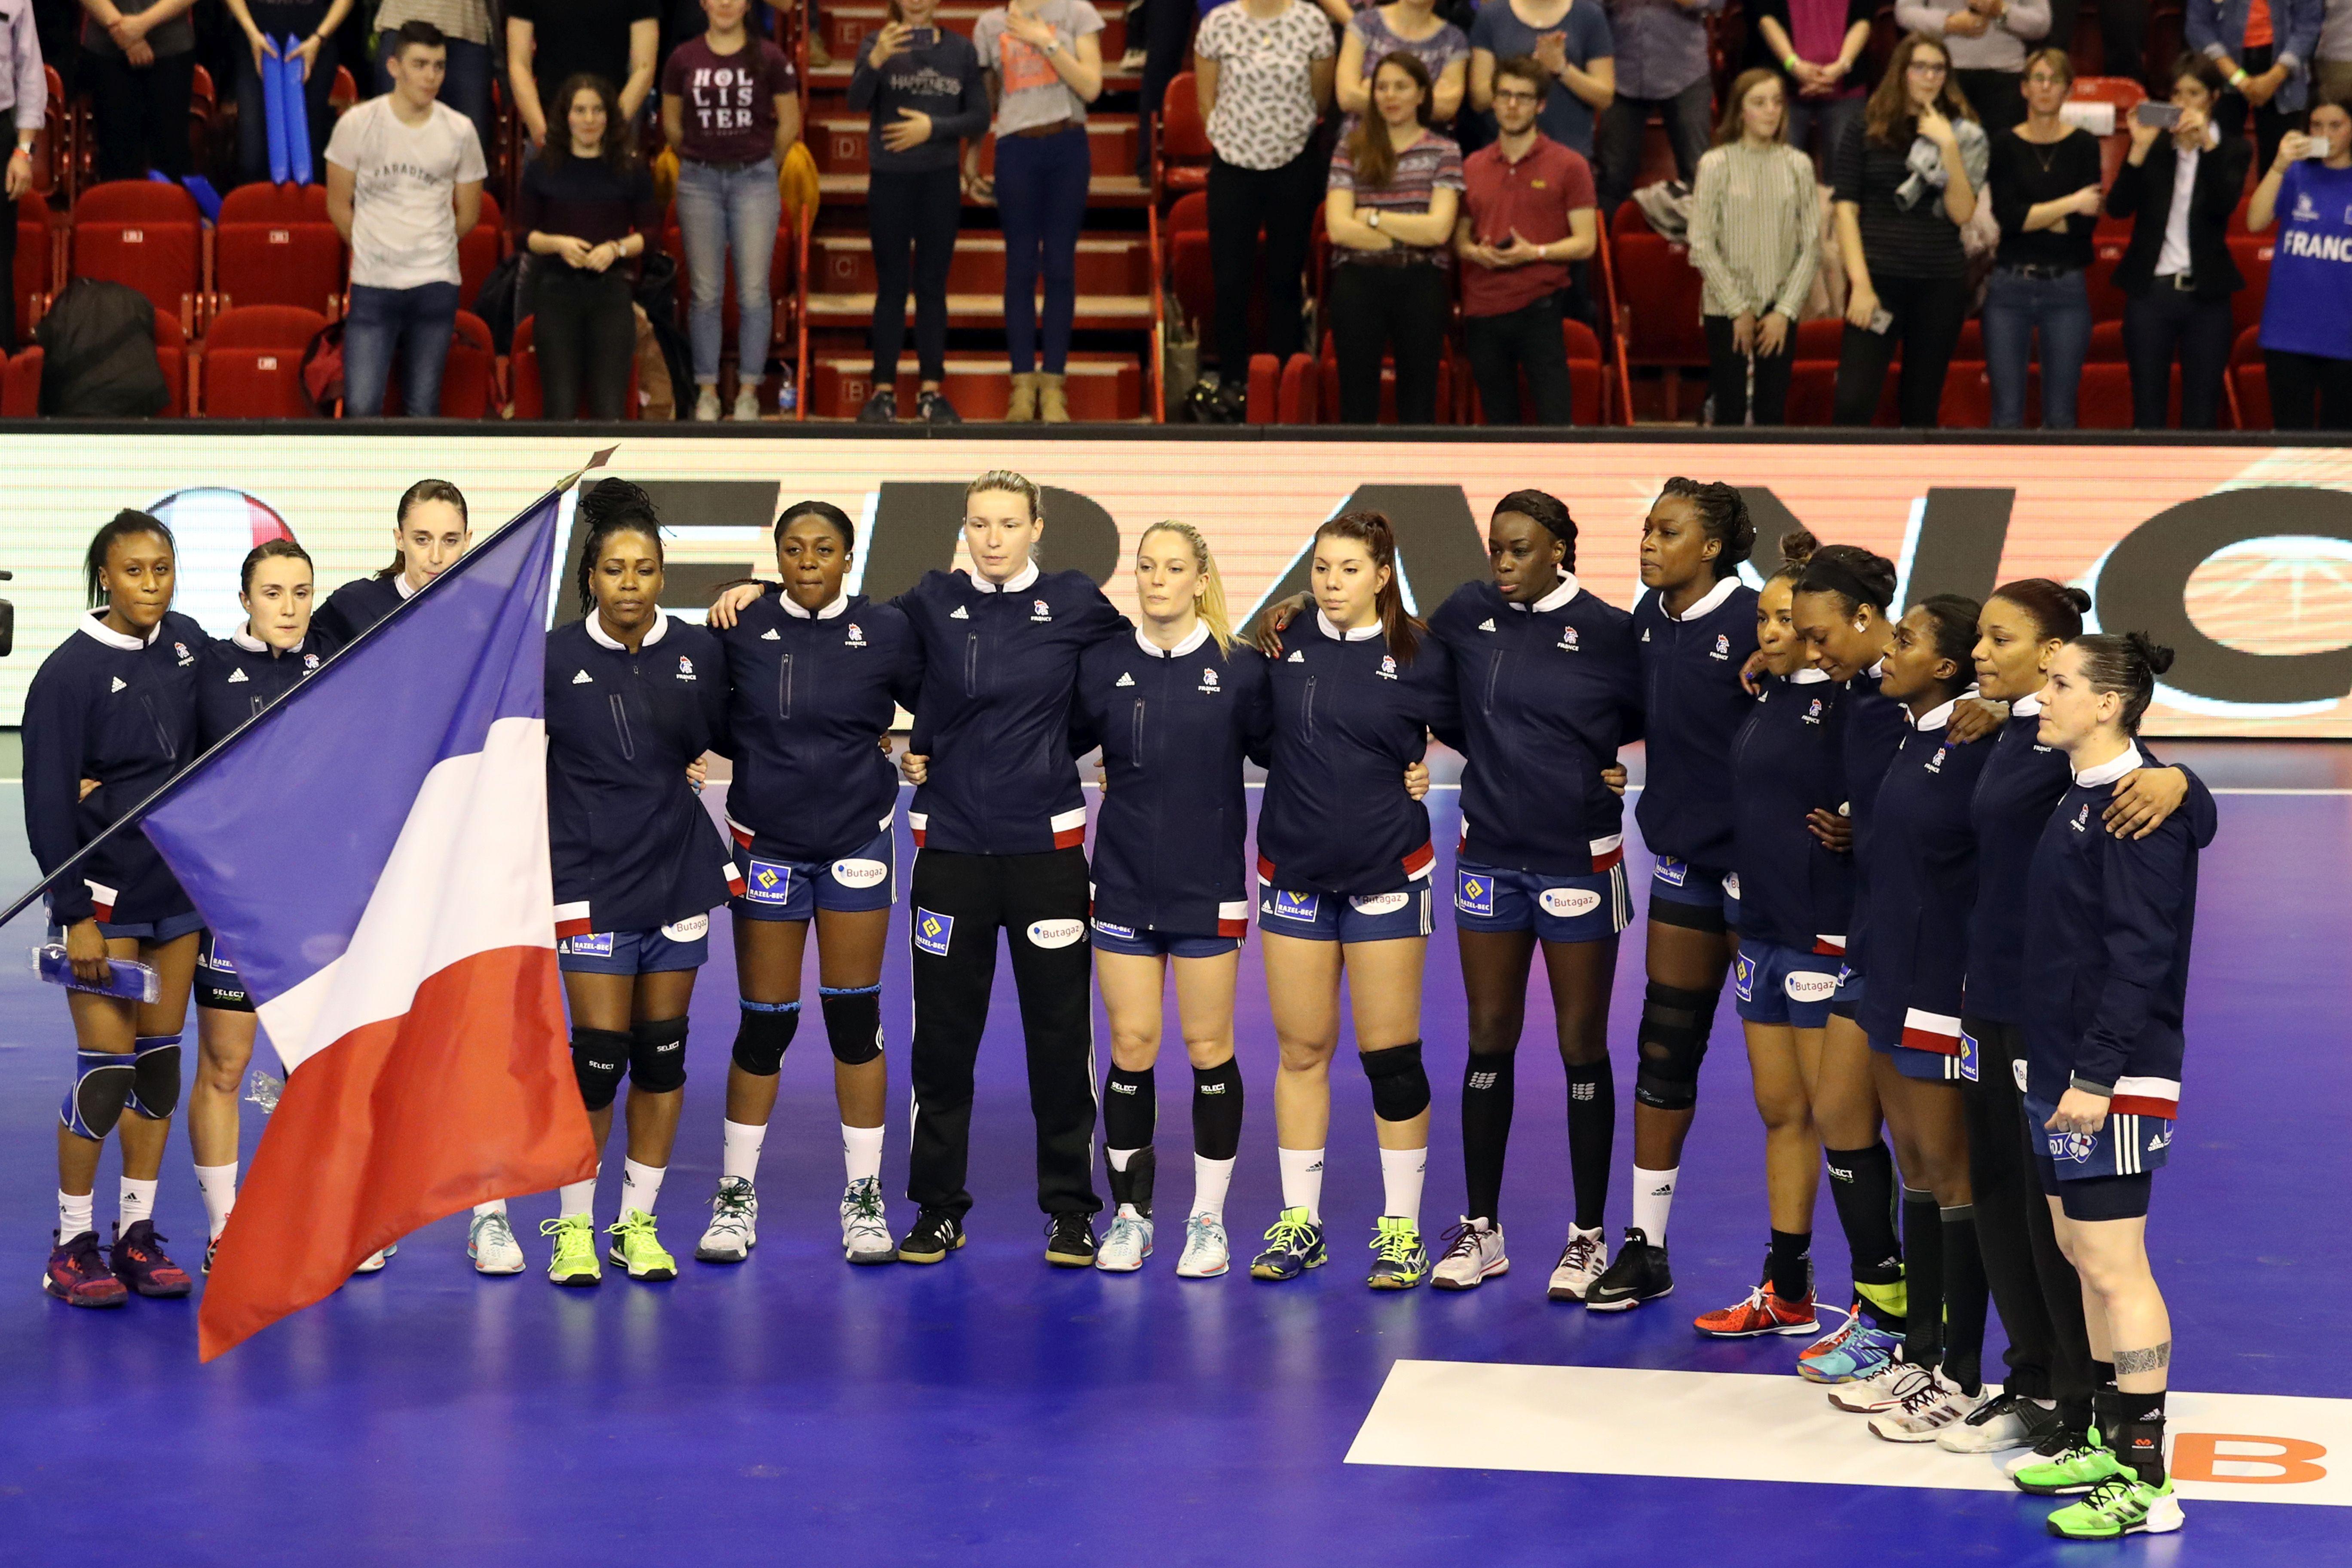 Die Frauen-Handballnationalmannschaft aus Frankreich